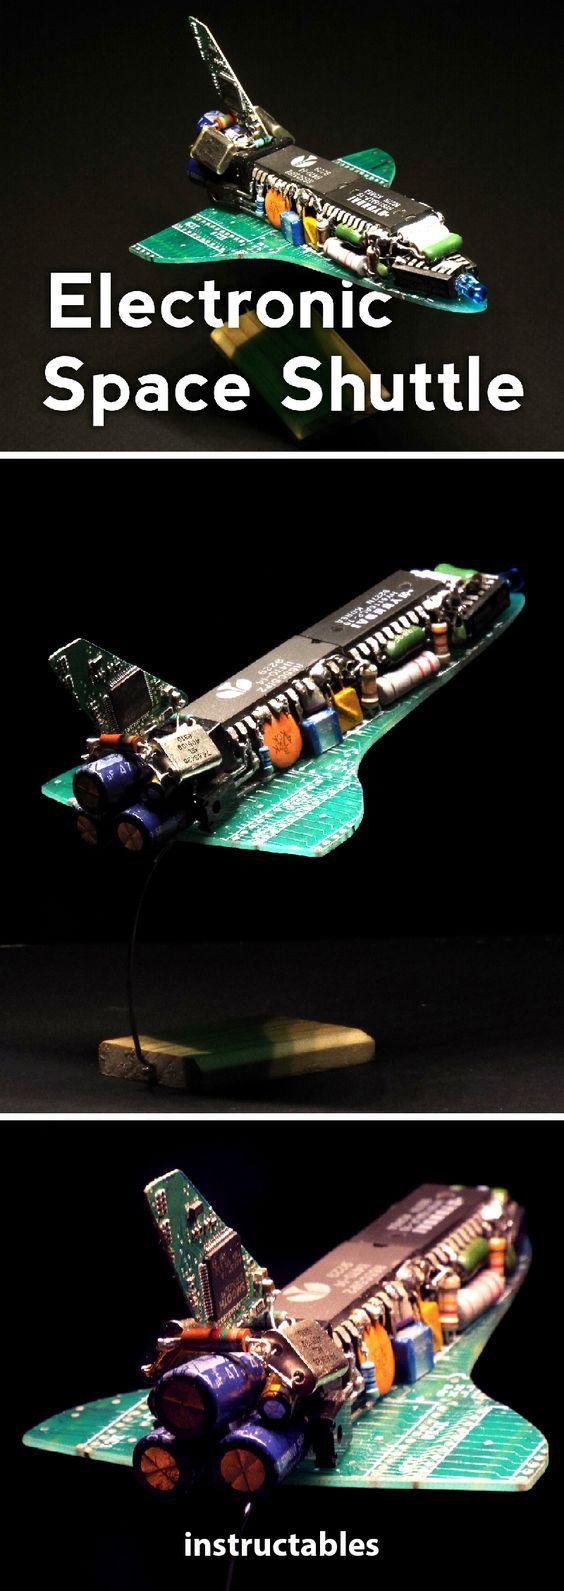 Electronic Space ShuttleRose Needham